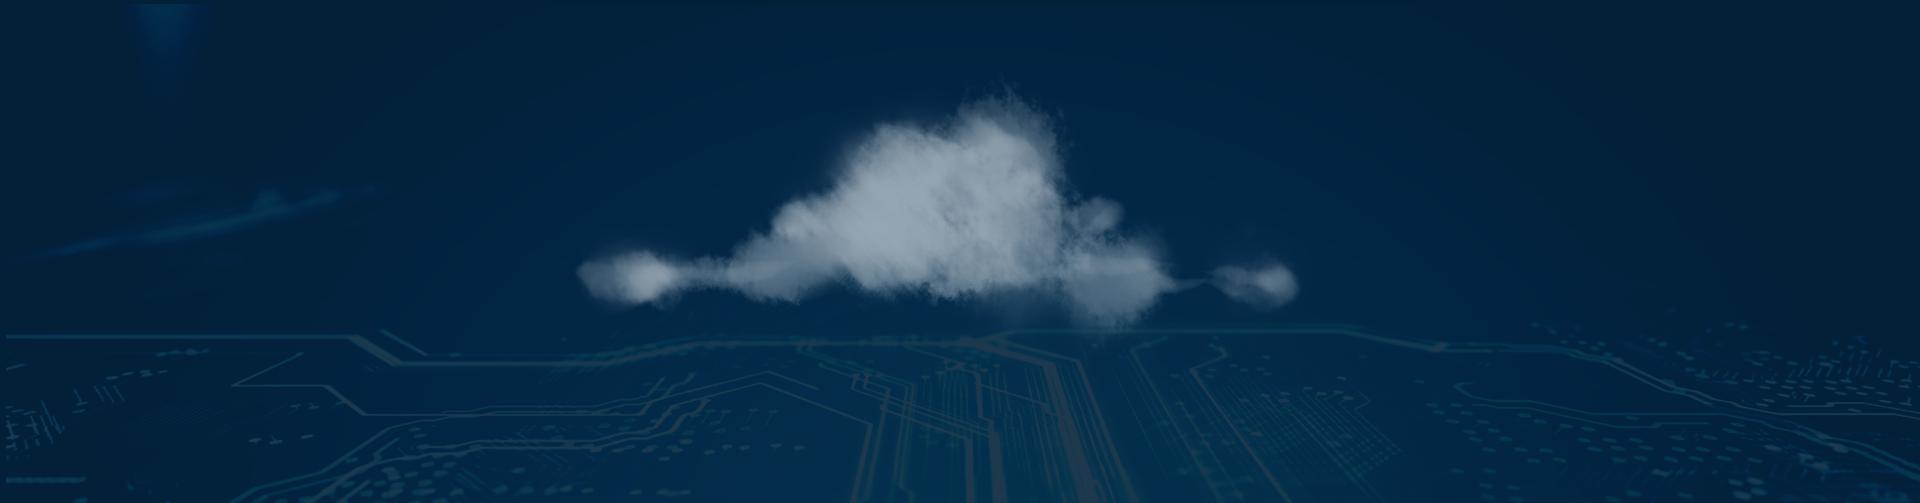 托管专属云解决方案